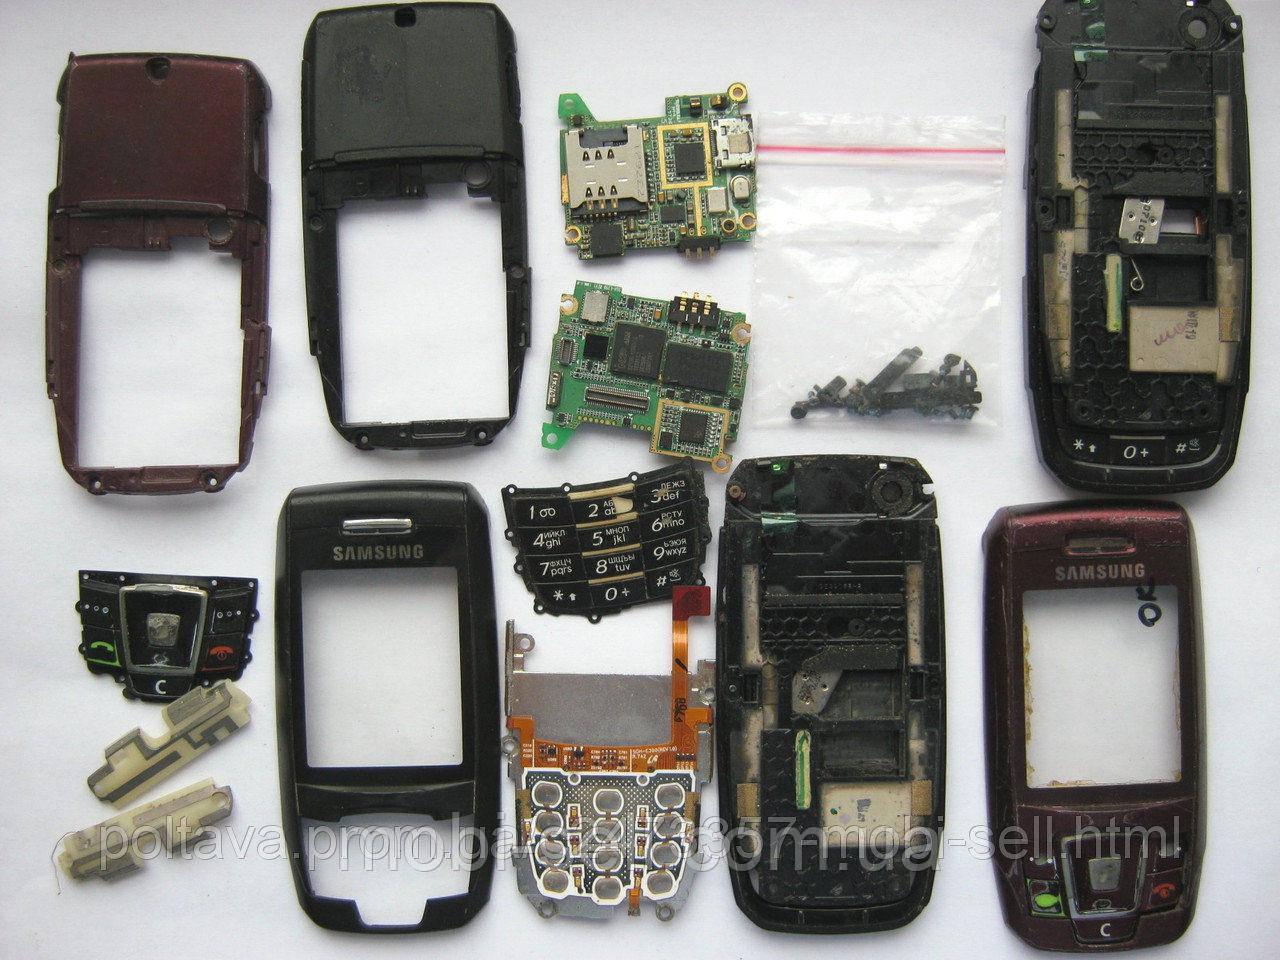 Запчасти для Samsung E390 (корпус, плата, клавиатура, антенна, кнопки)